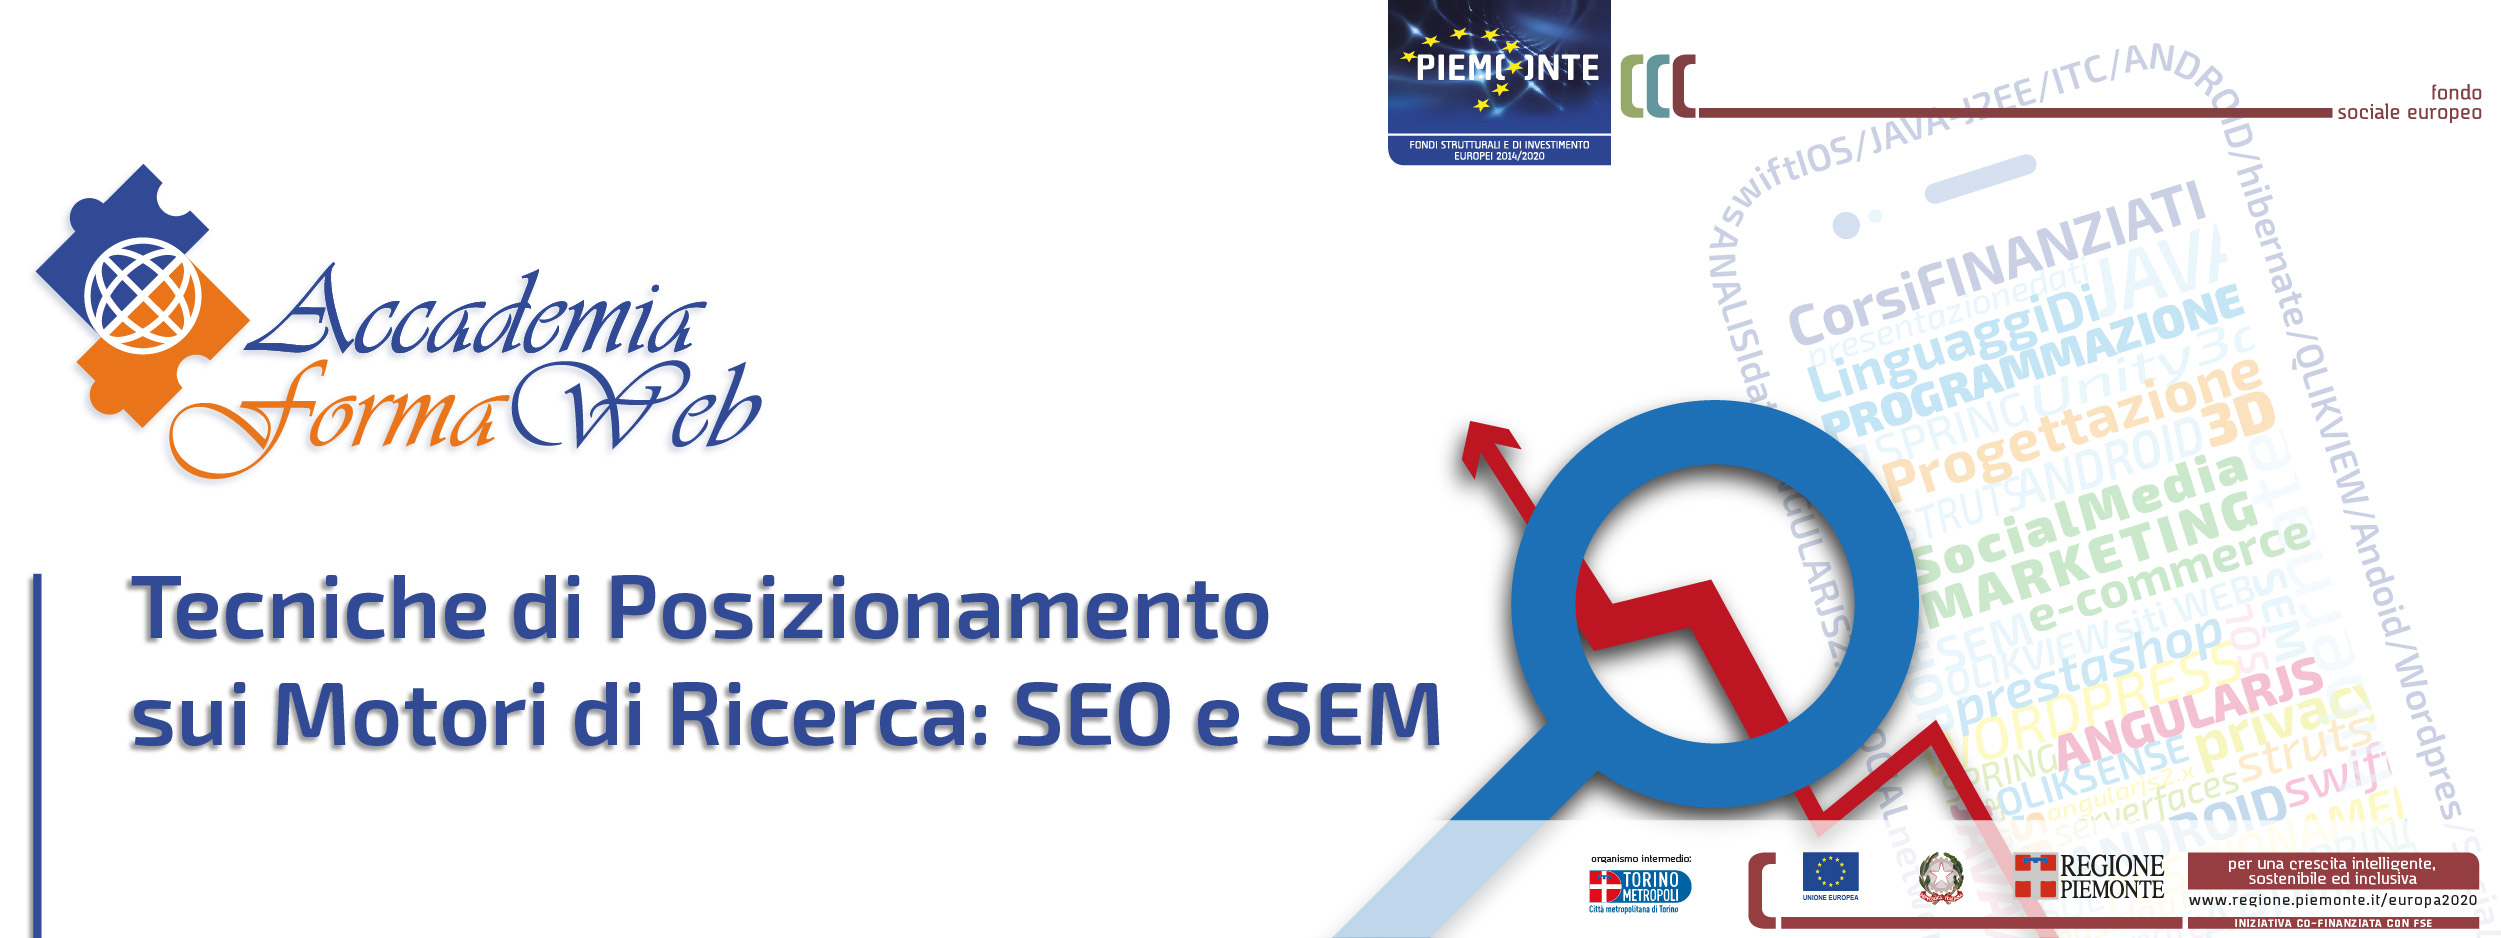 corso_finanziato_posizionamento-SEO-SEM